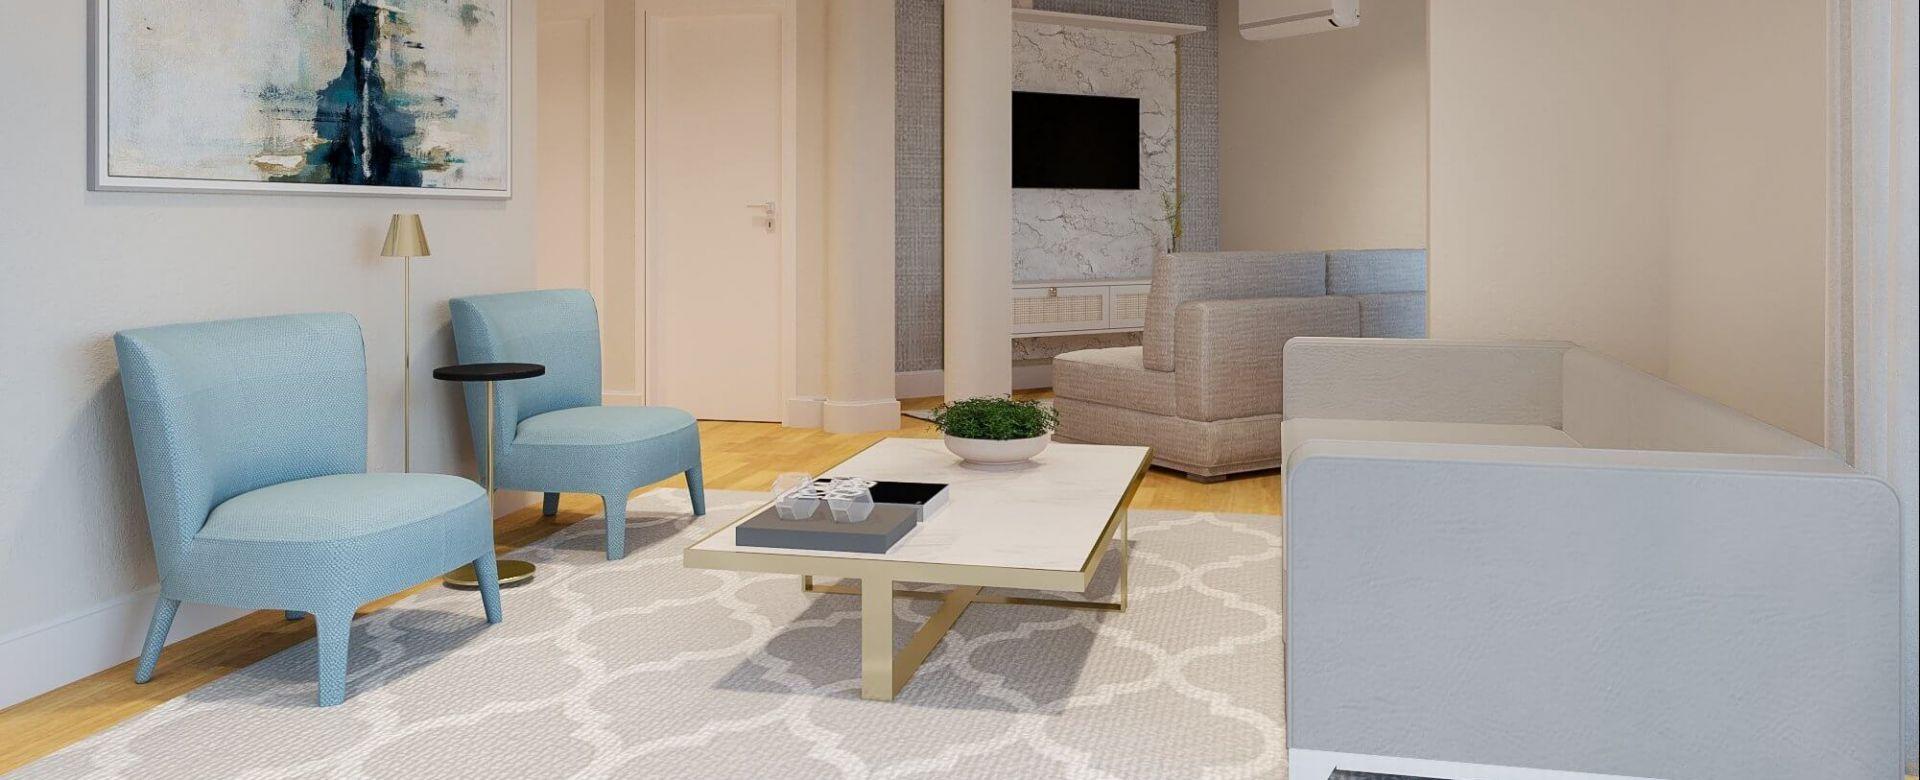 Imagem destaque do Edifício Piaget